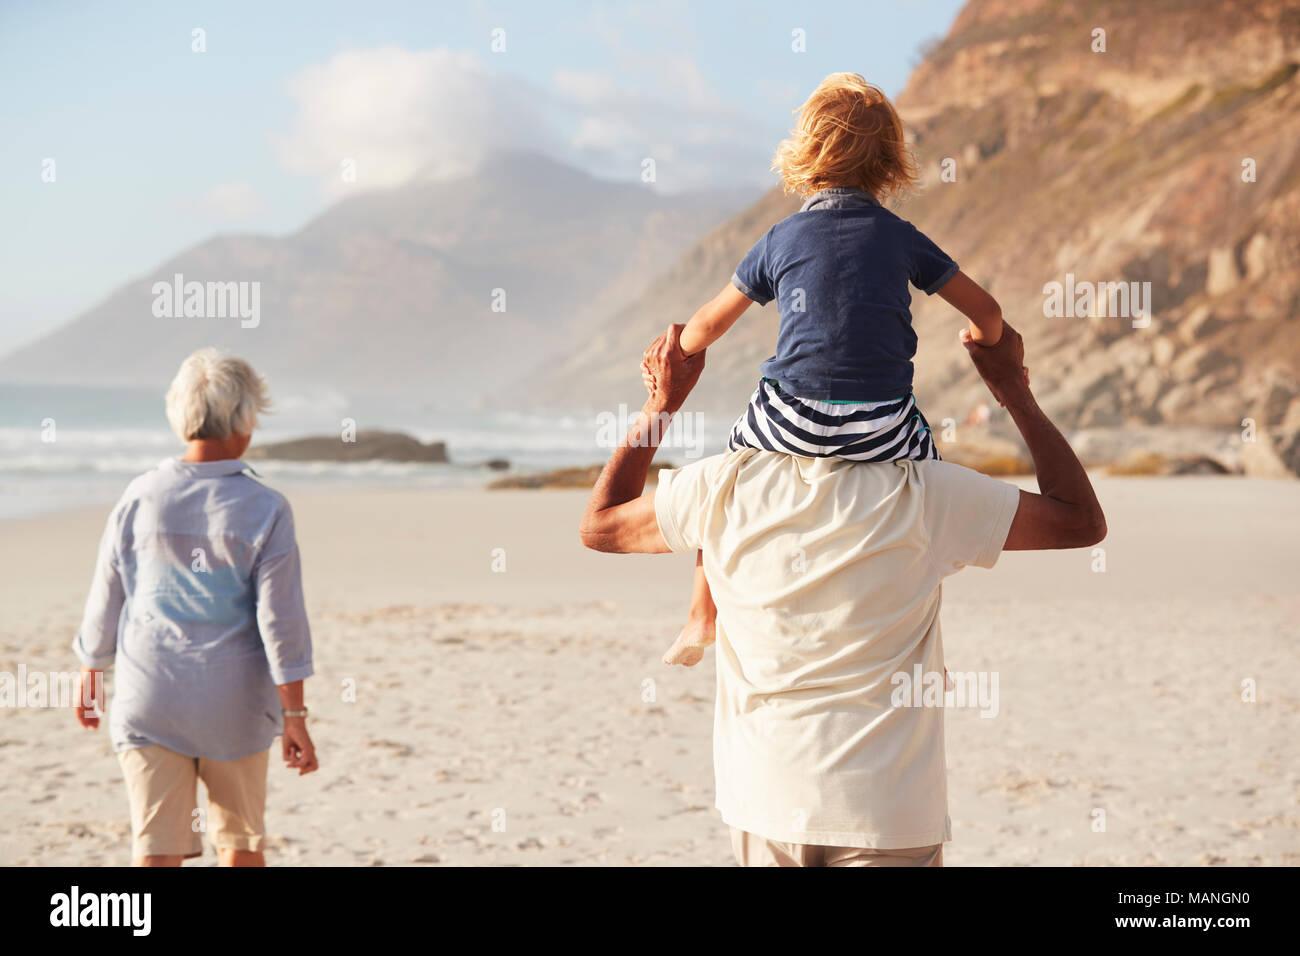 Los abuelos llevando a hombros nieto en caminar a lo largo de playa Imagen De Stock